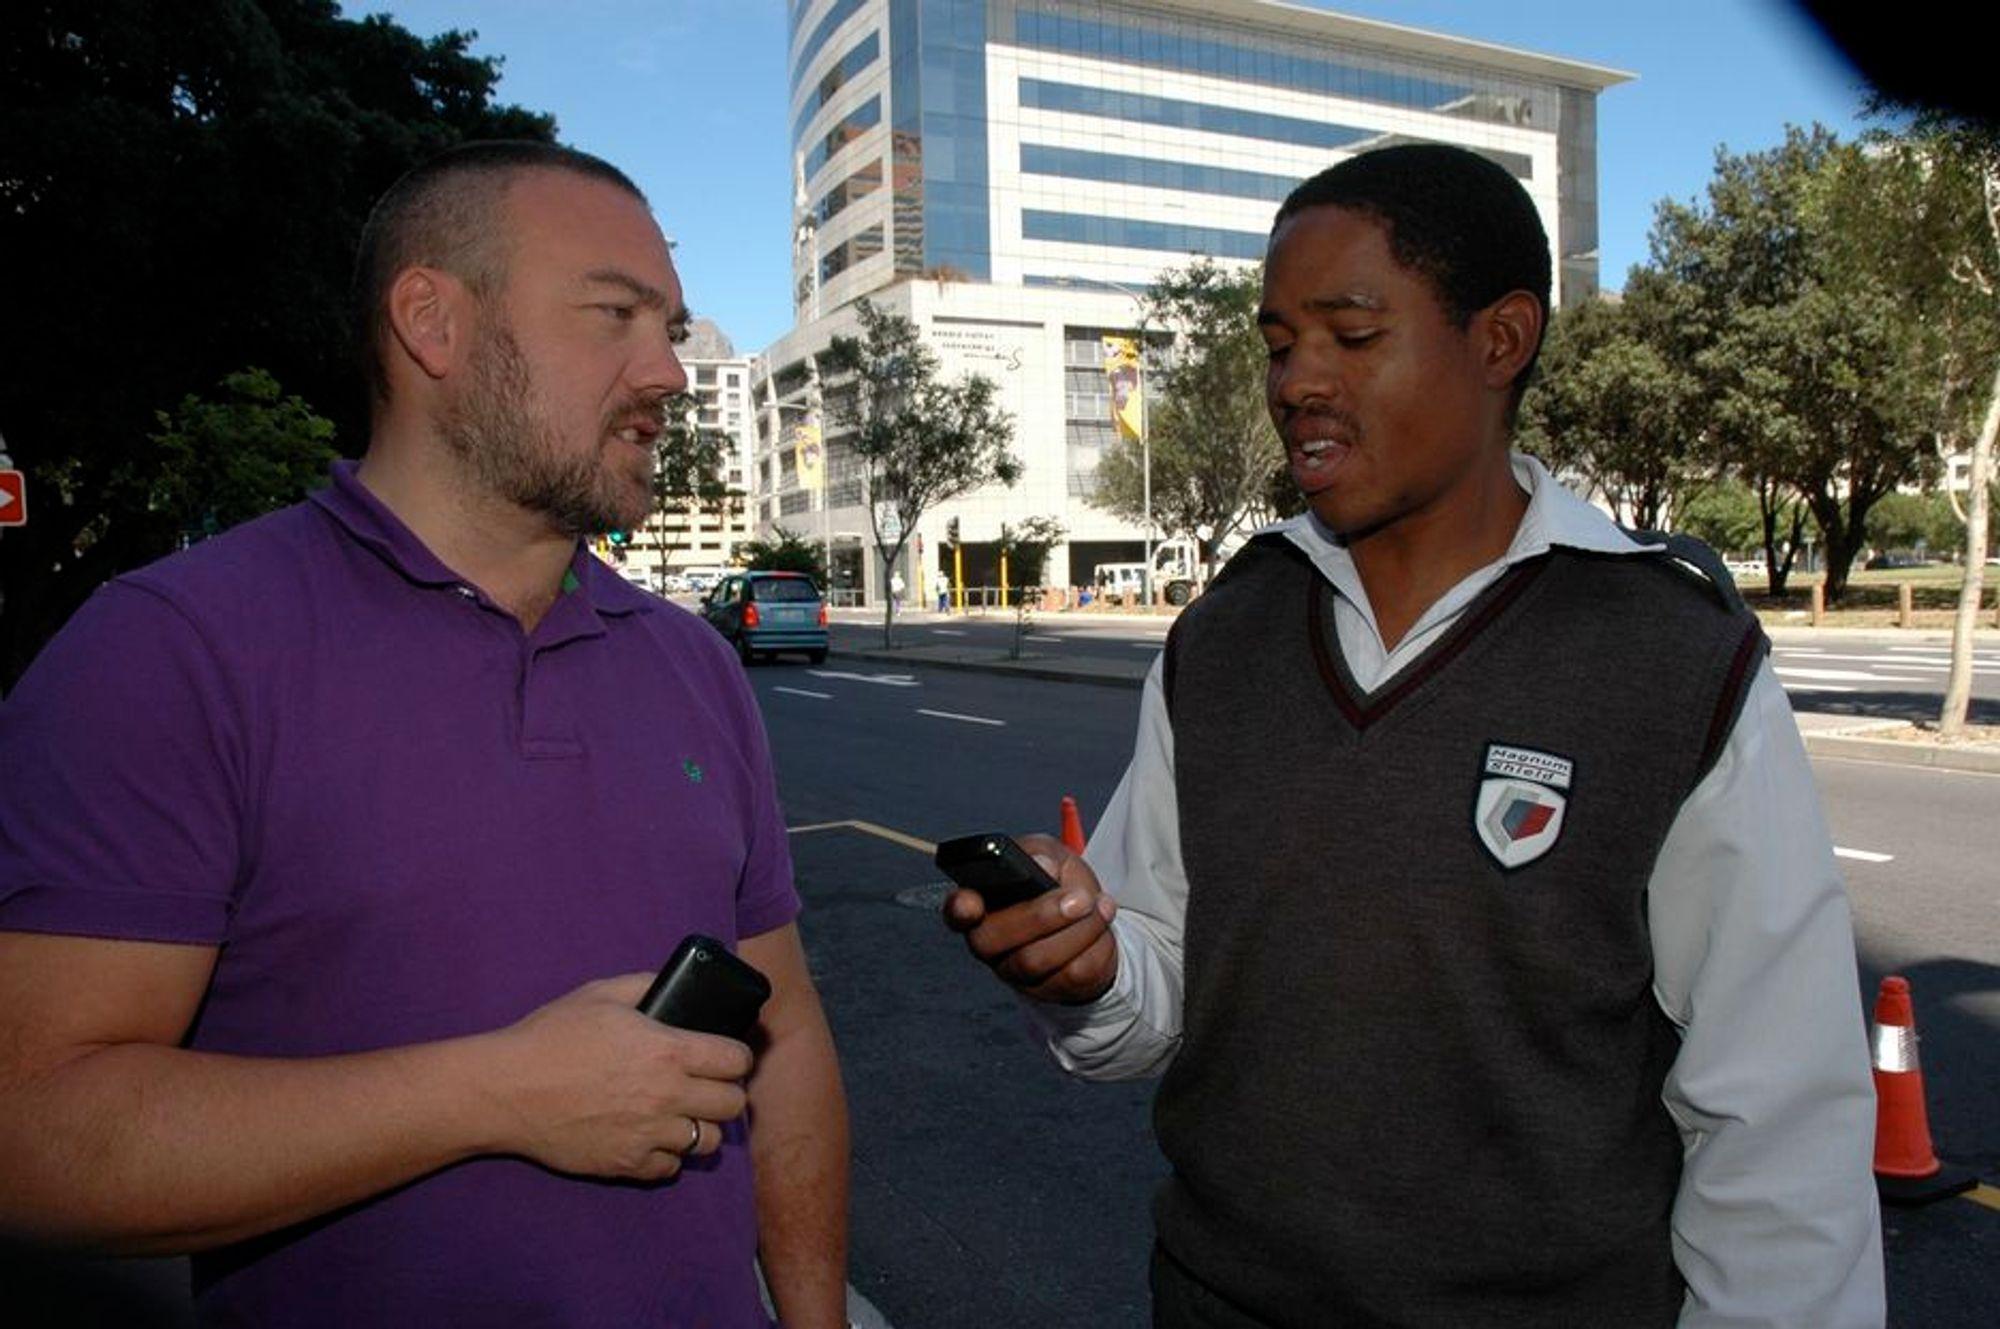 ADVARSEL: Medlemsbedriftene til IKT Norge og næringsutviklingsdirektør Fredrik Syversen må være forberedt på hardt arbeid for å komme inn på det afrikanske markedet. Her er han i samtale med mobilbrukeren Eric Keli i Cape Town.